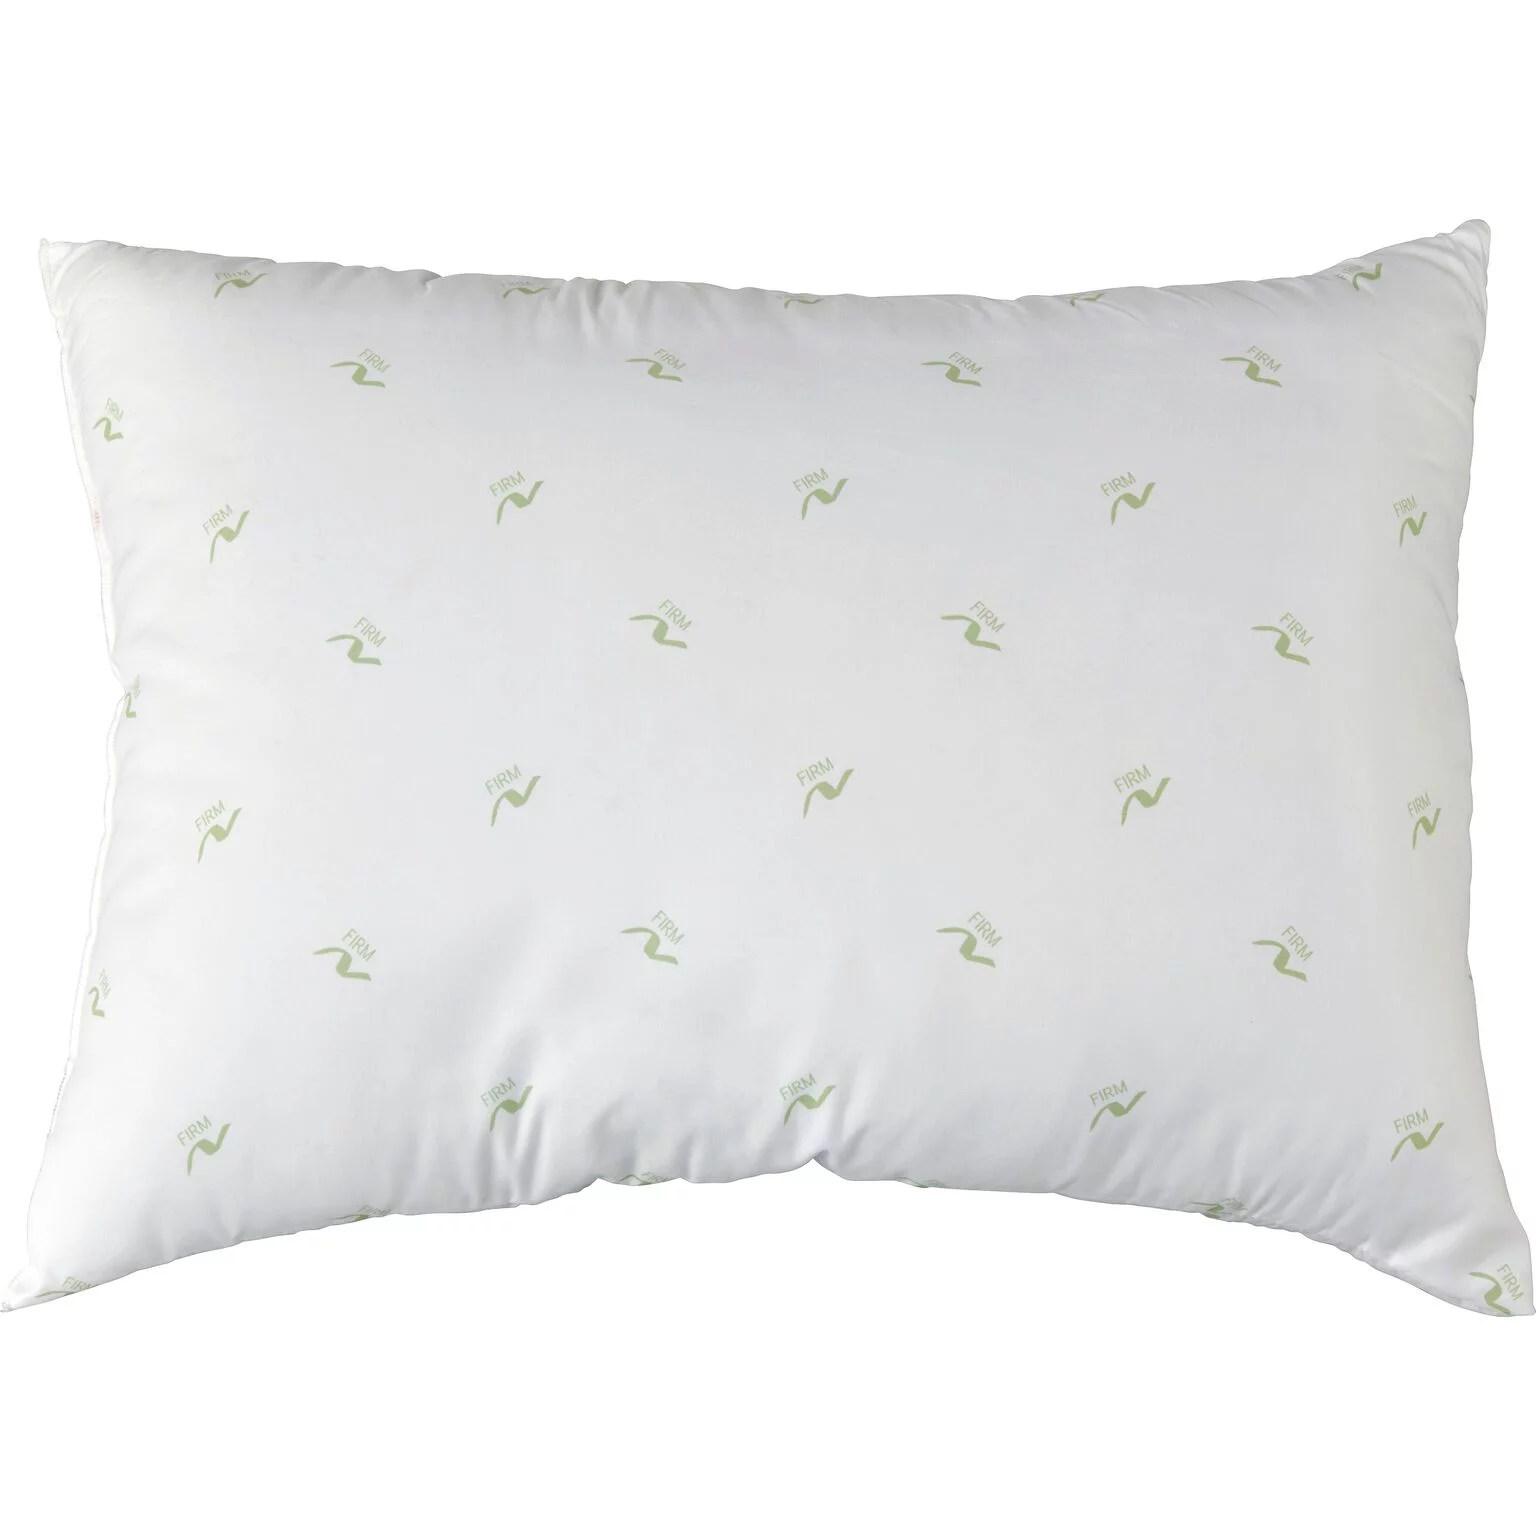 mainstays back sleeper firm pillow 1 each walmart com